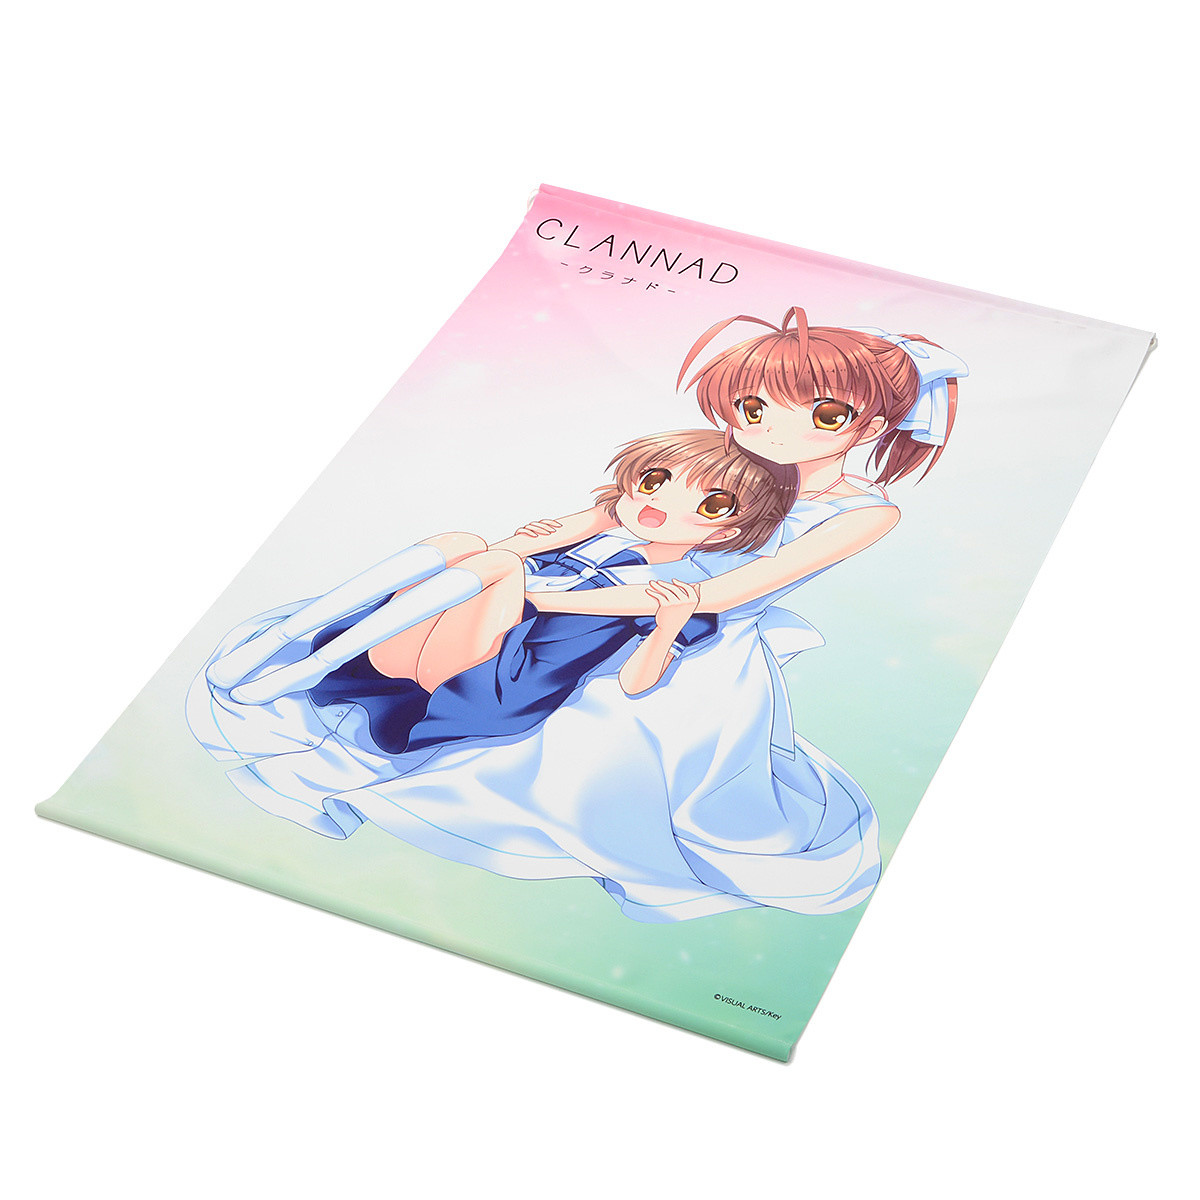 Key 20th Anniversary 描き下ろしタペストリー CLANNAD